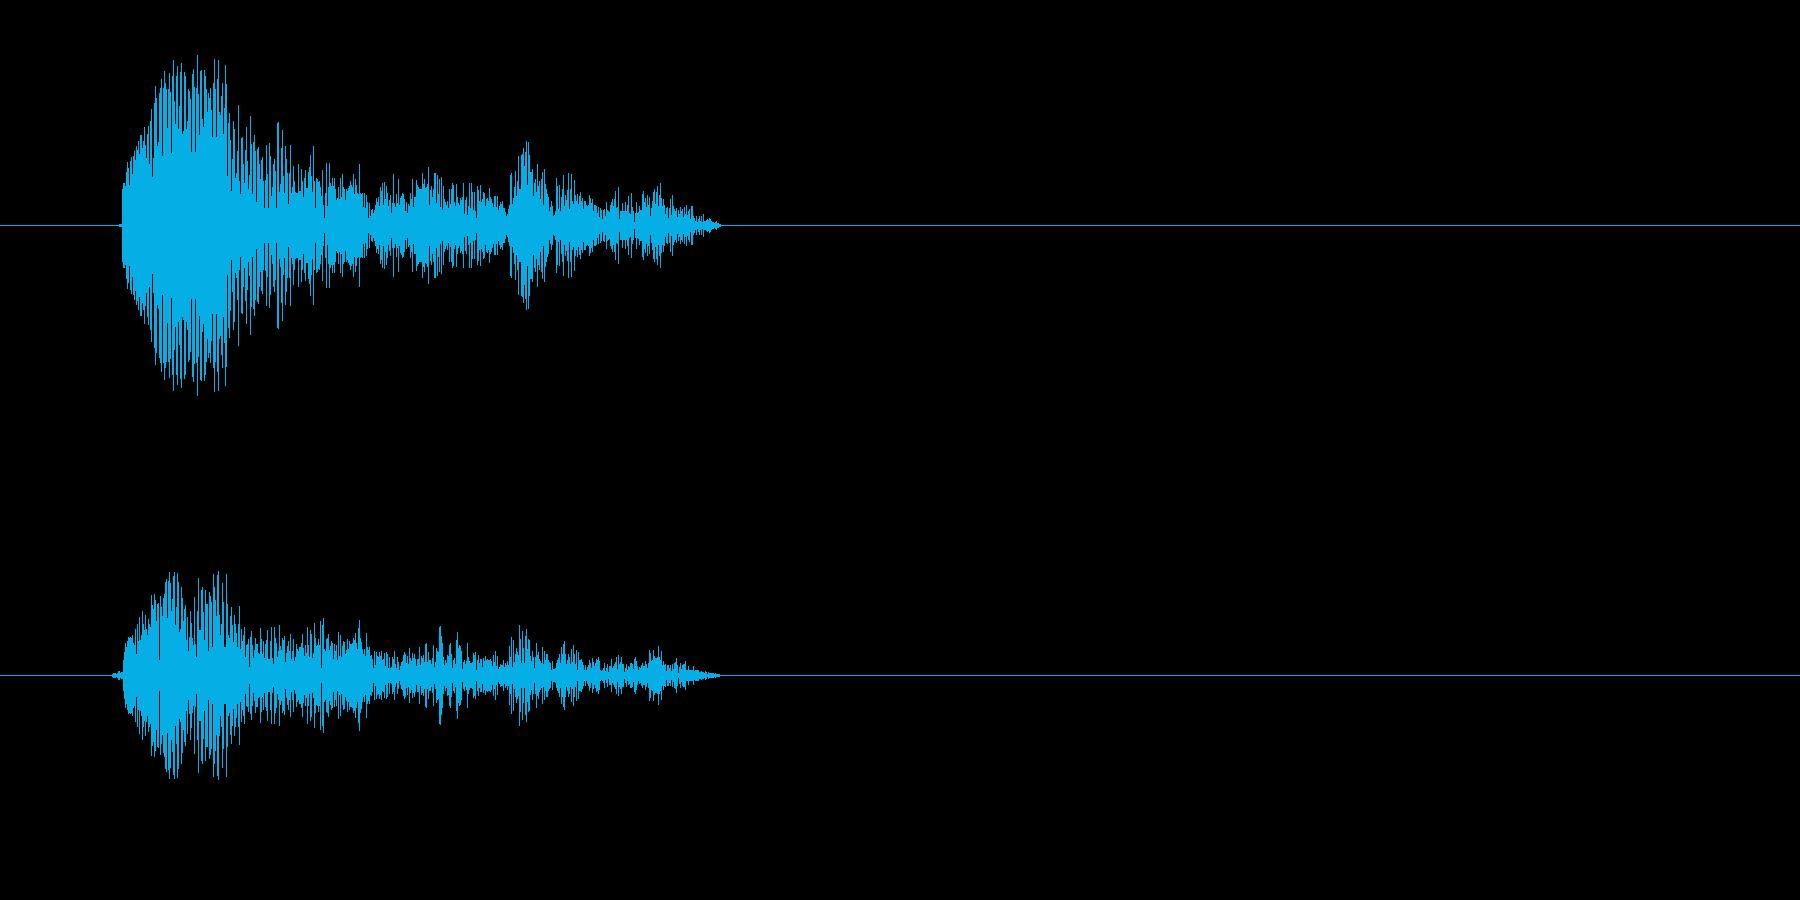 カッという短い効果音の再生済みの波形